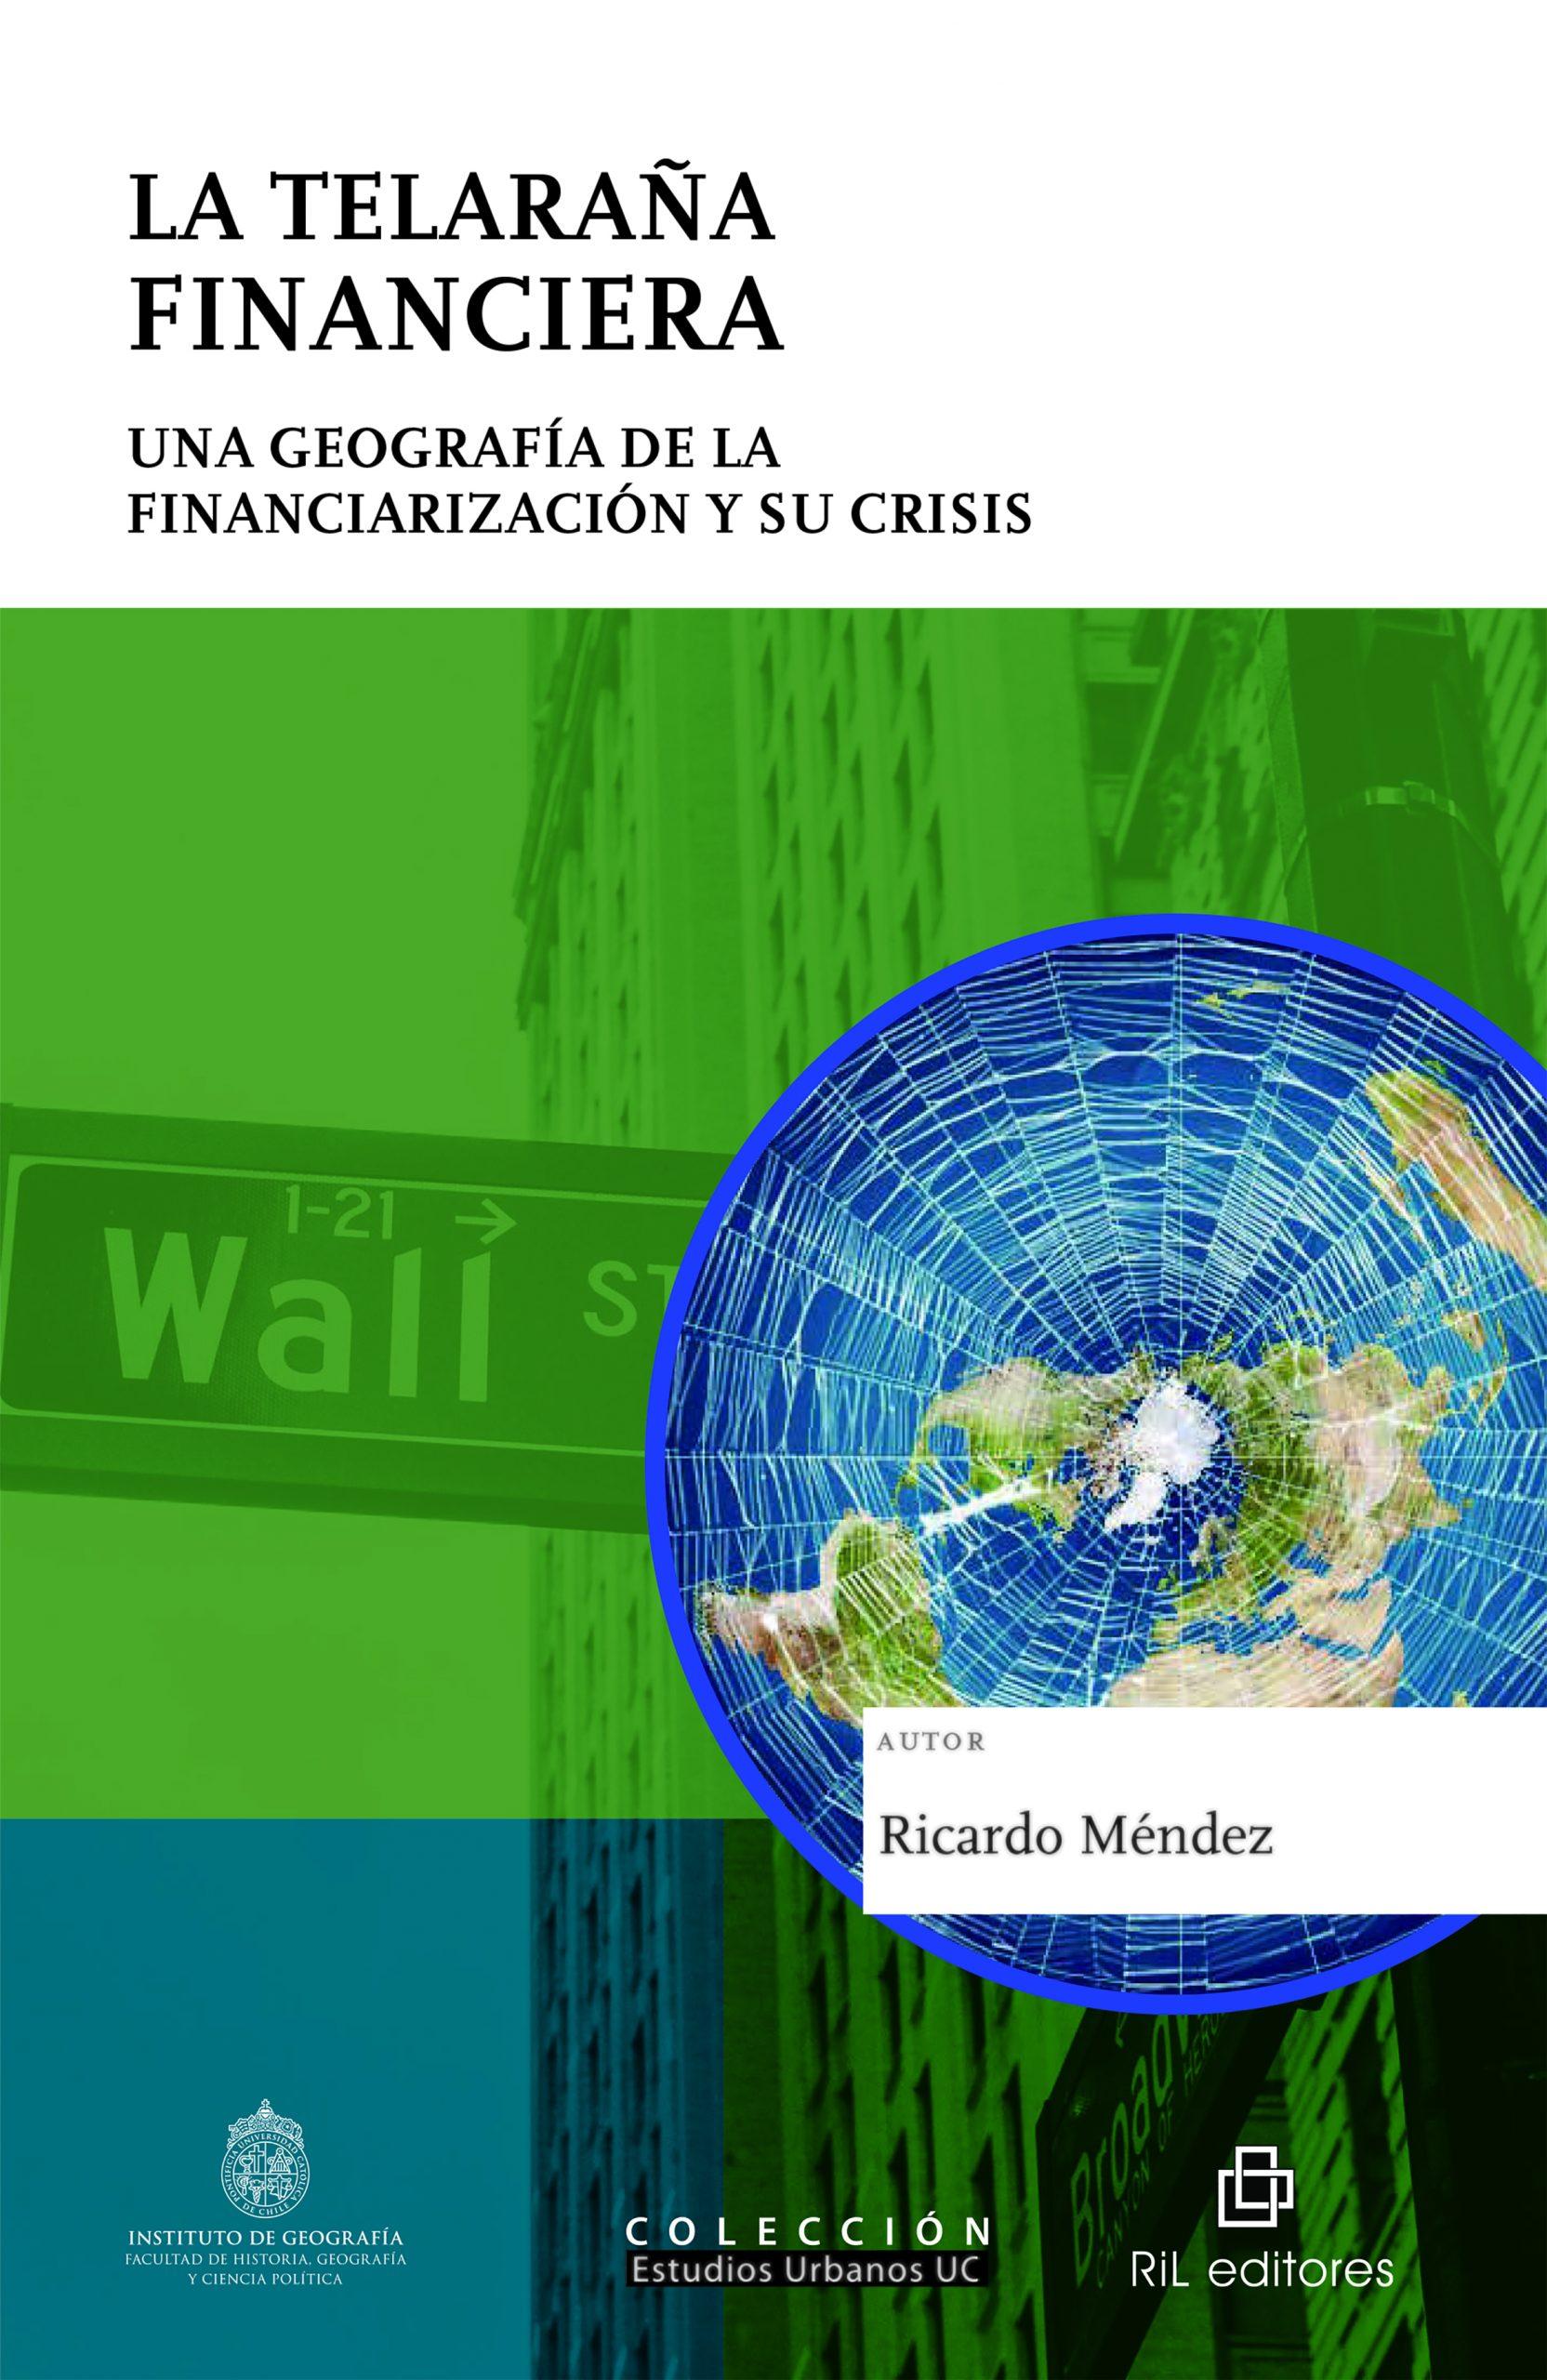 La telaraña financiera. Una geografía de la financiarización y su crisis